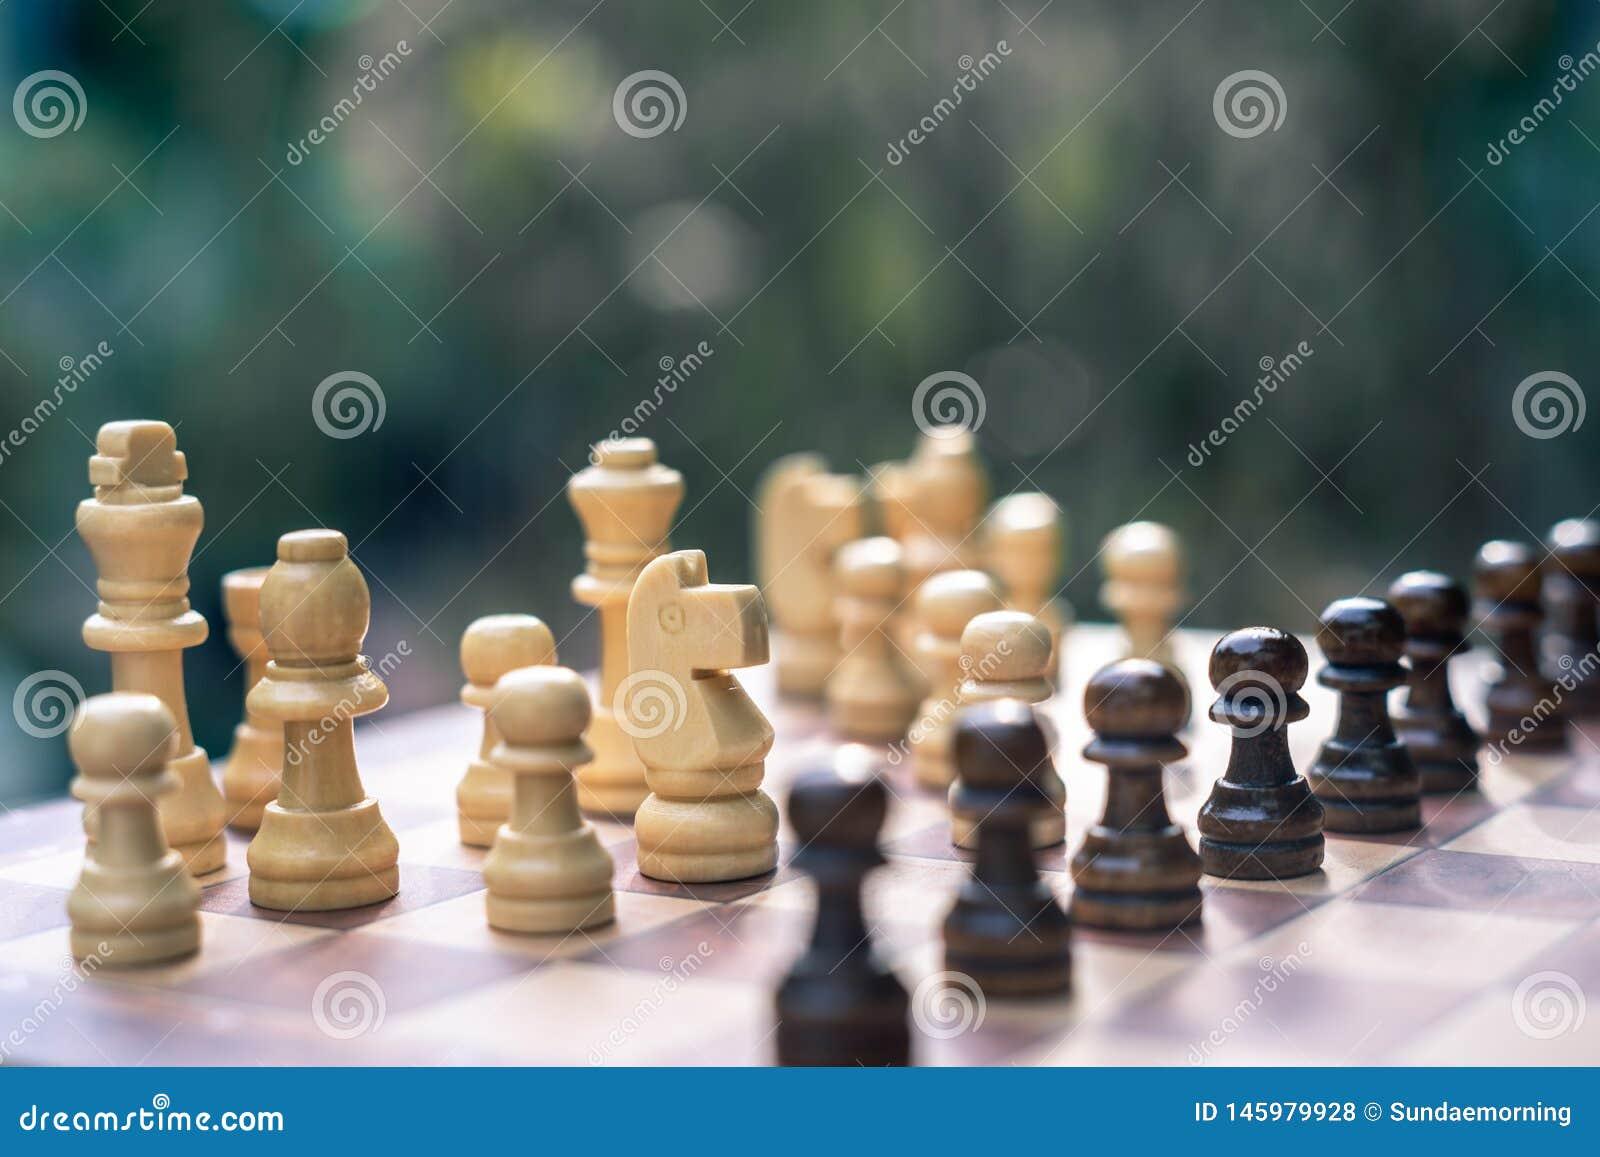 Het spel van de schaakraad, bedrijfs concurrerend concept